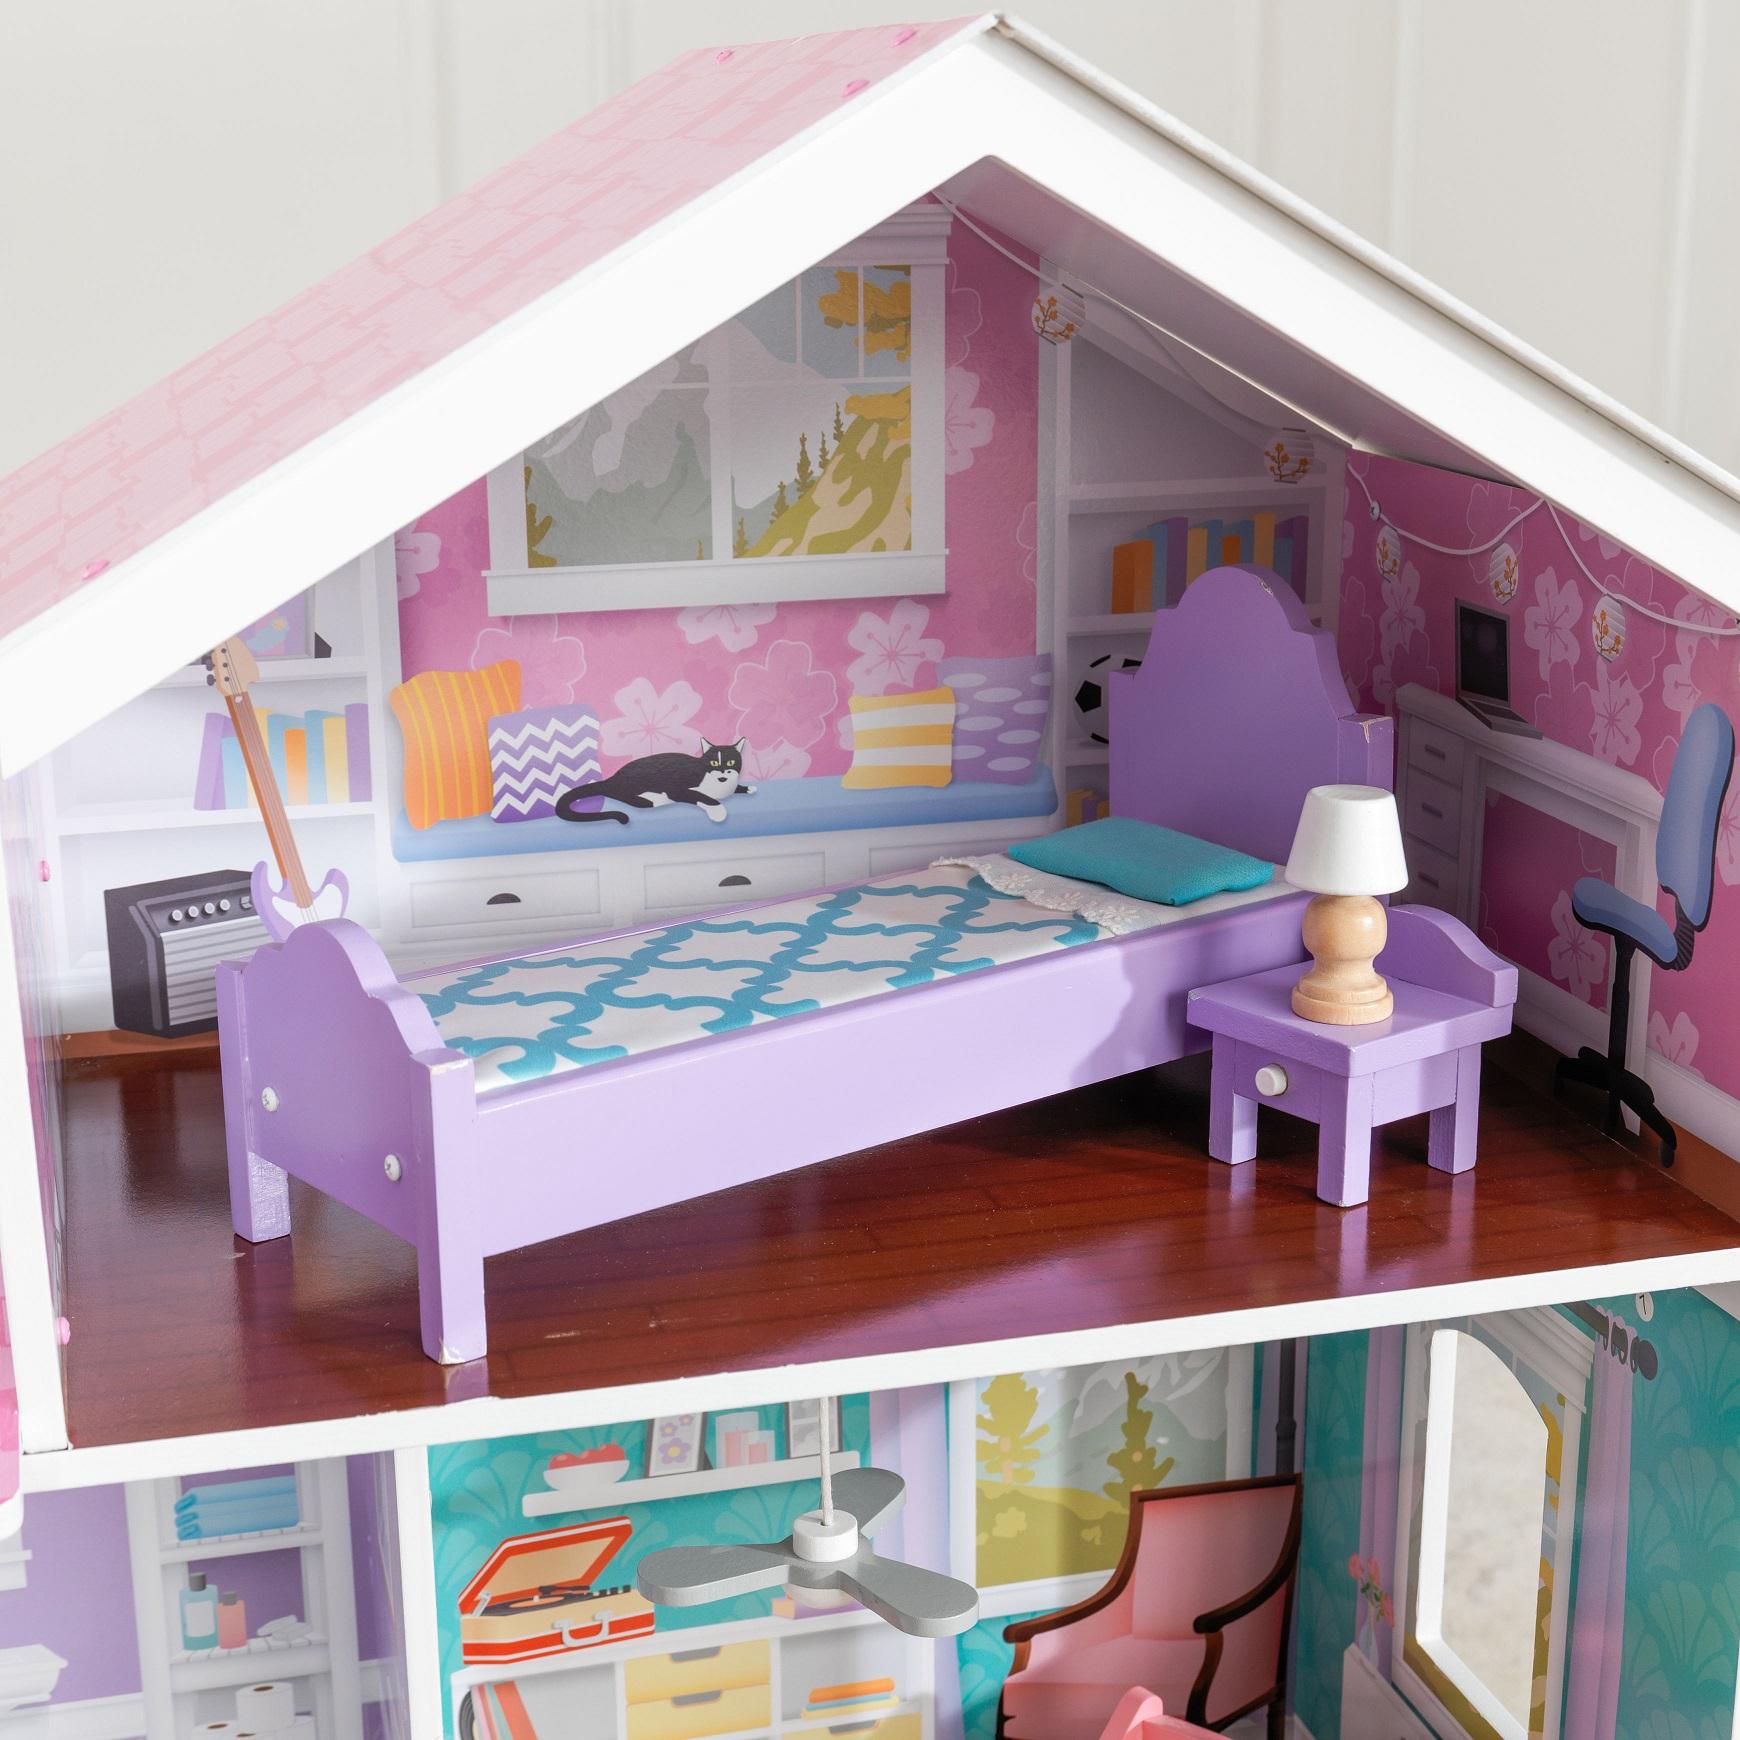 Detalle de cama, mesita y lámpara de dormitorio de la kidkraft casa de muñecas glendale manor 65940 width=